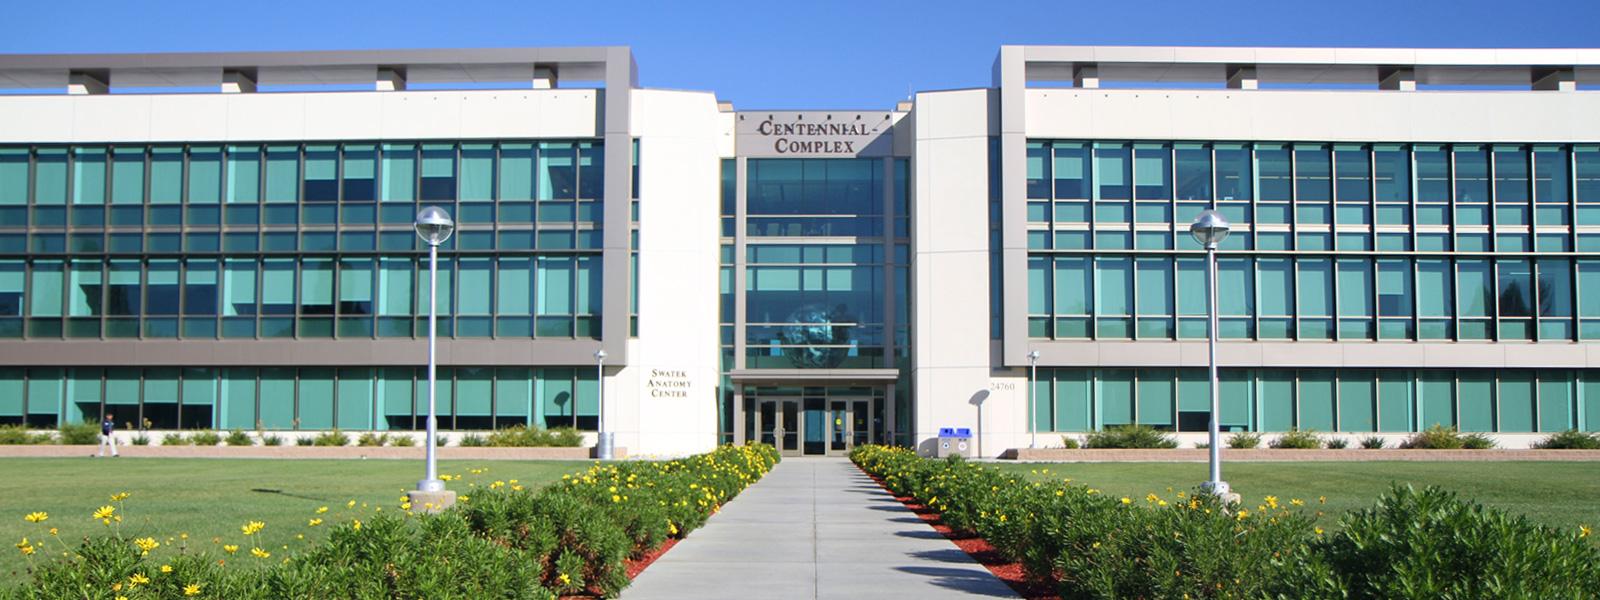 LLU Centennial Complex